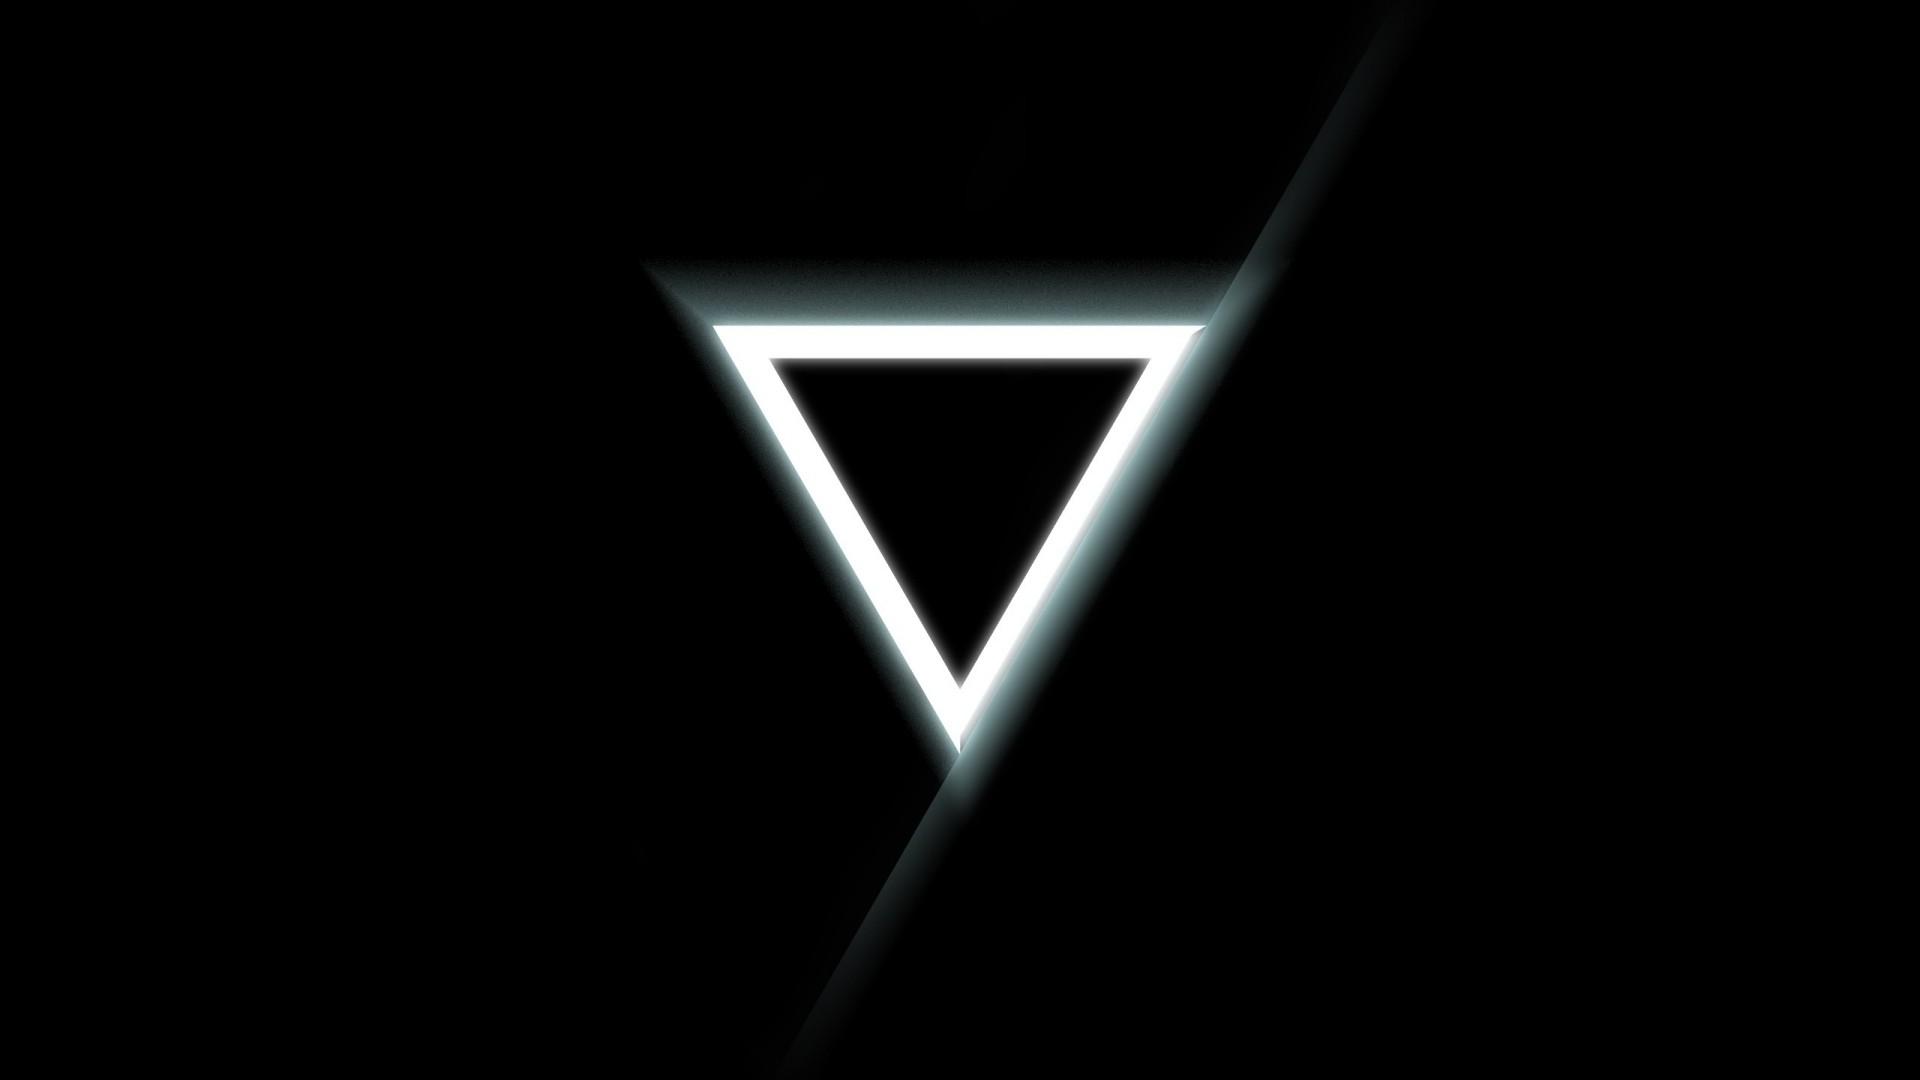 Hình nền đen tam giác phát sáng